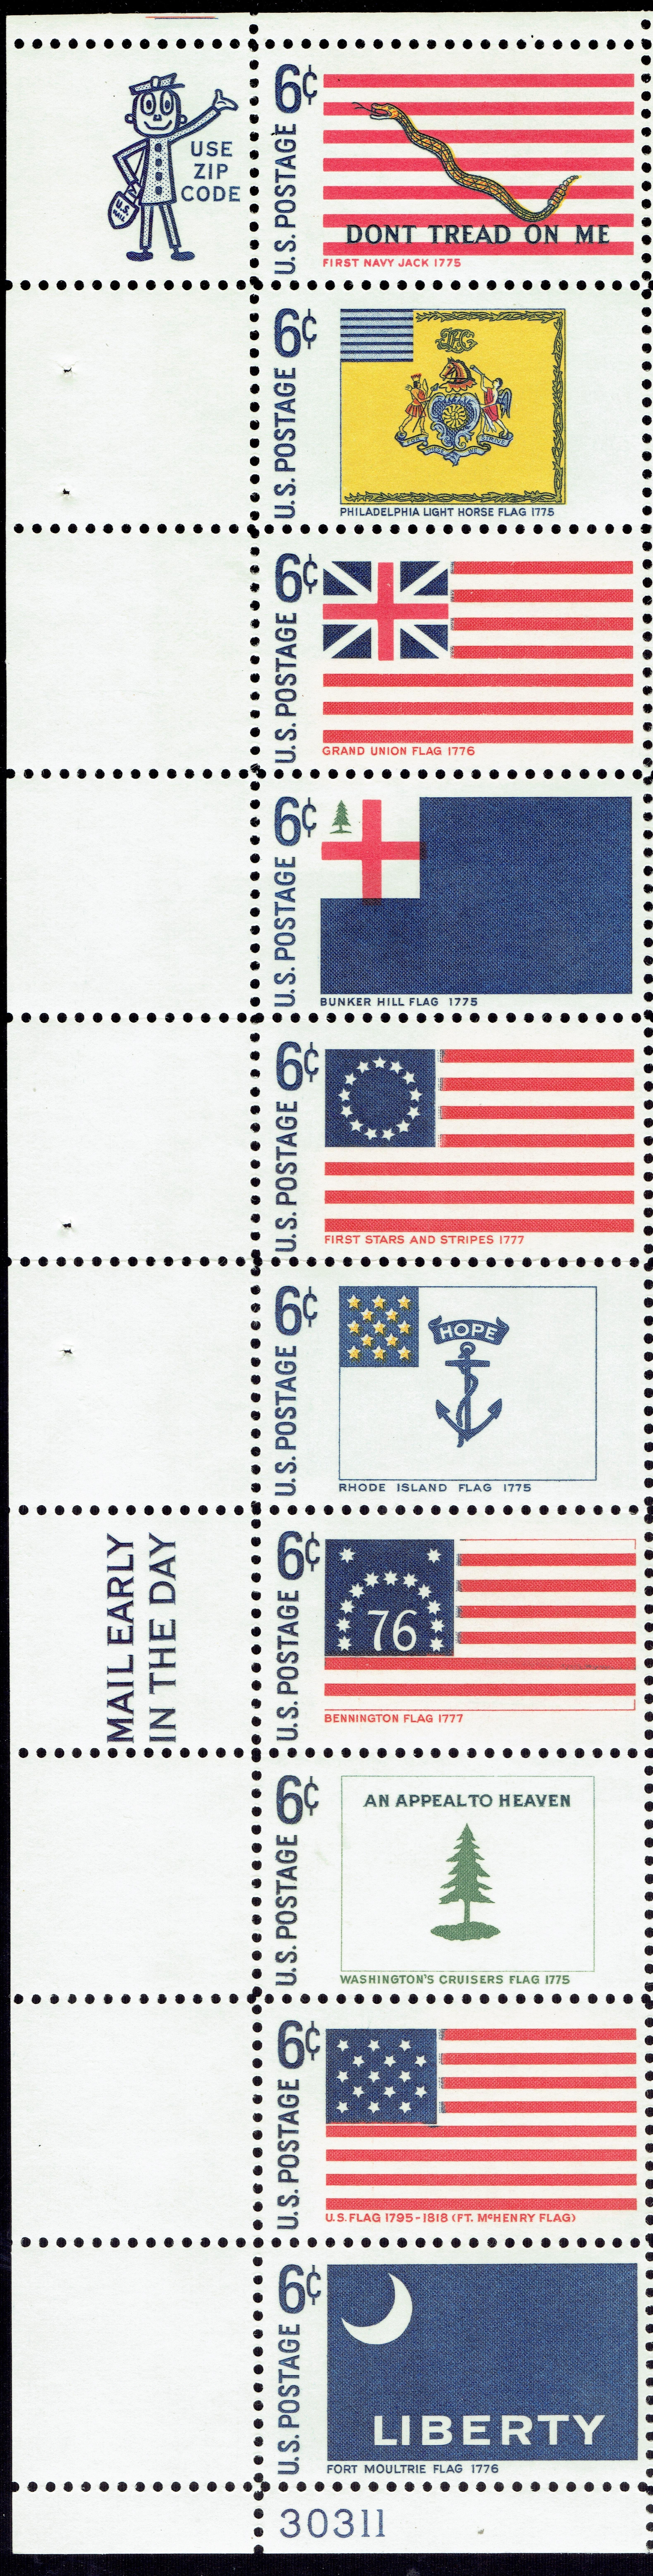 United States - Scott #1354a - strip of 10 (Scott #1345-1354)